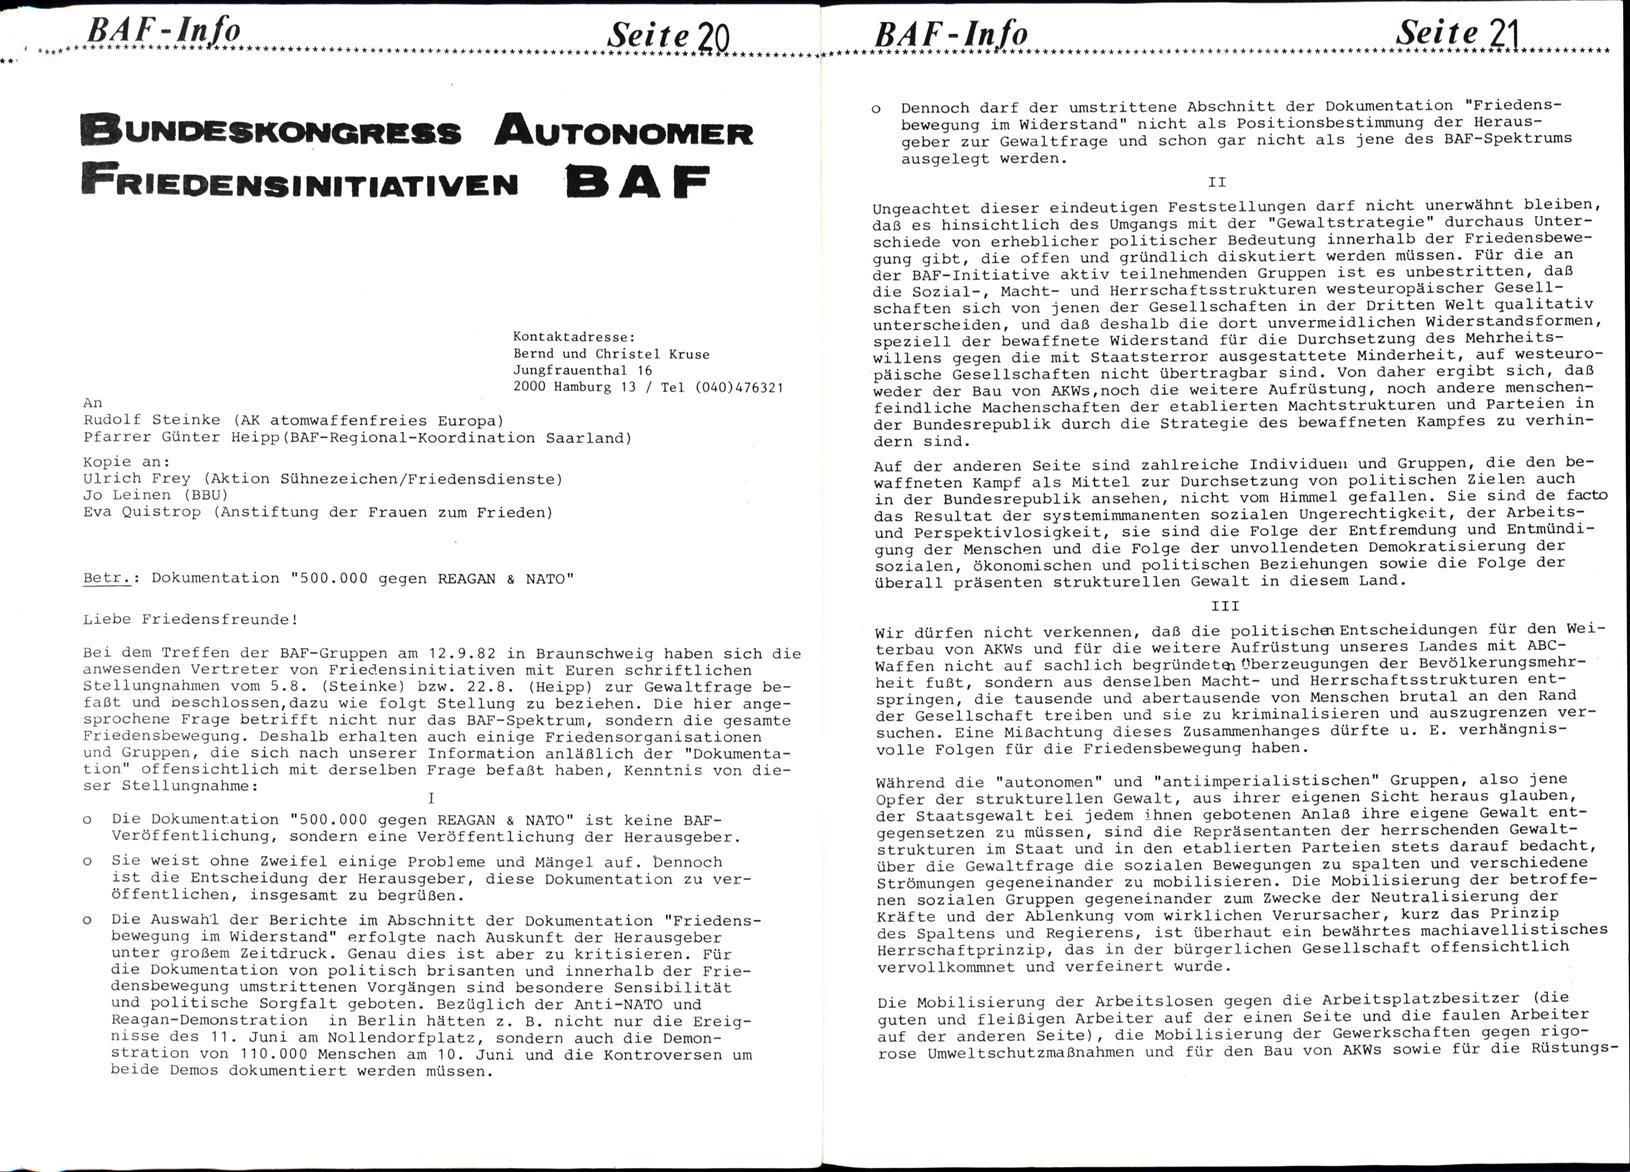 BAF_Info_01_19820900_11